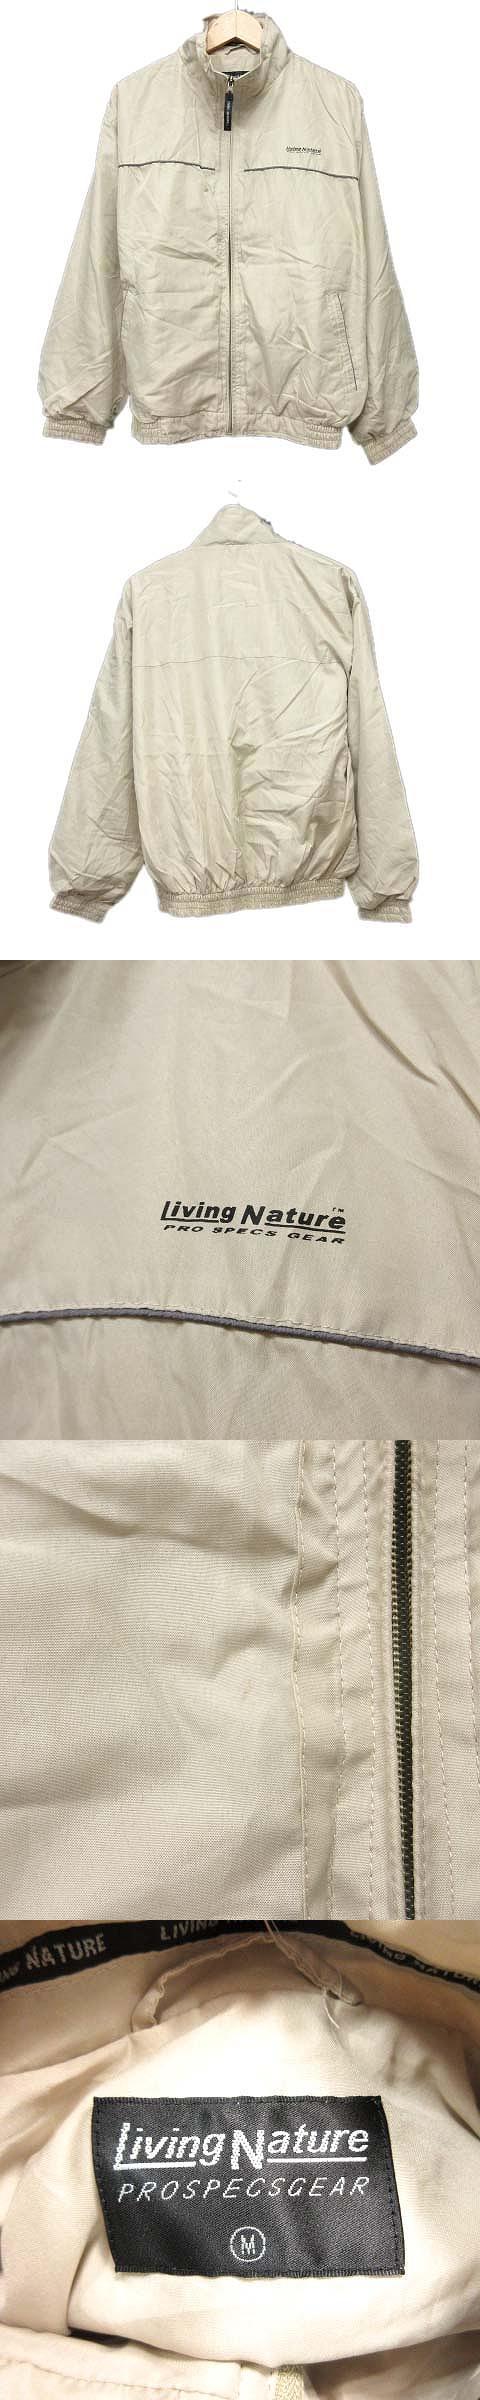 リビングネイチャー Living Nature マウンテンパーカー ジャケット ジップアップ M ライトベージュ/31●8